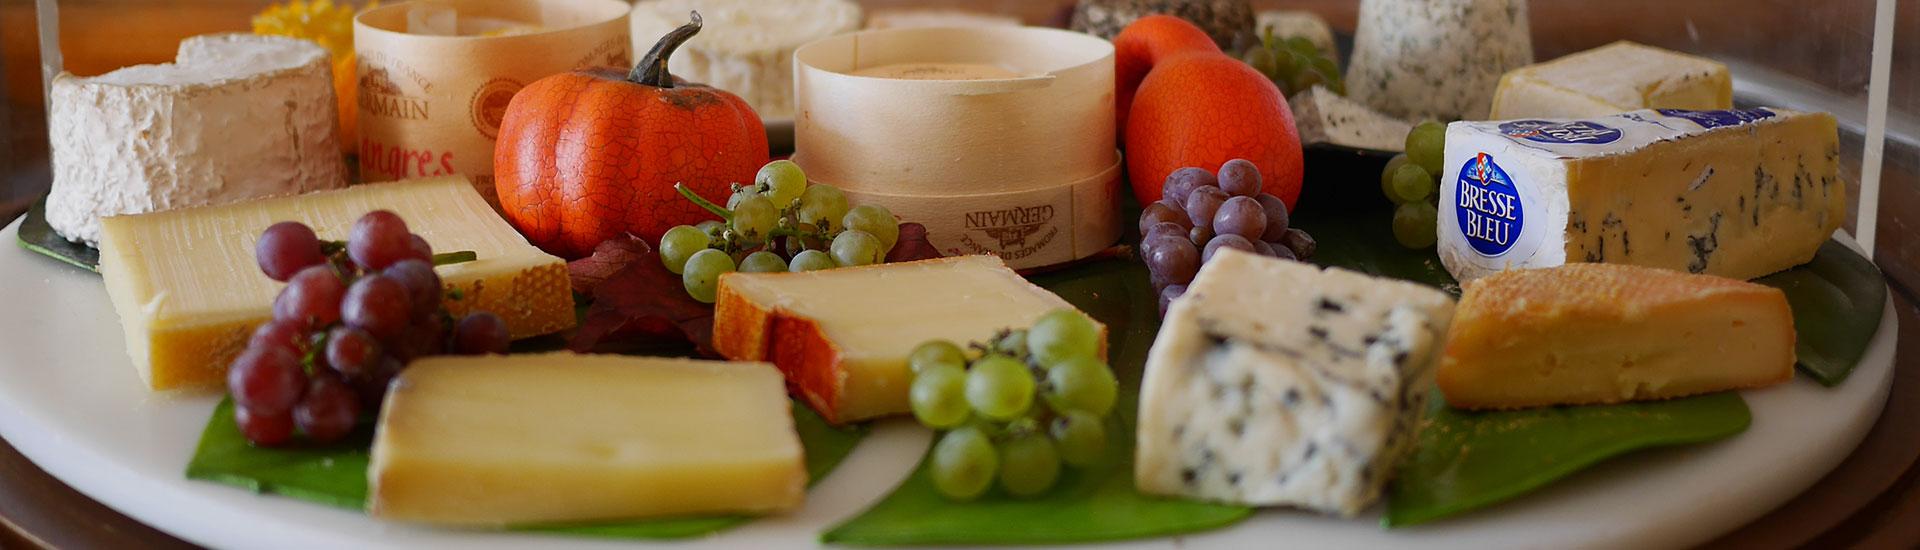 Plateau de fromages Auberge de Gilly